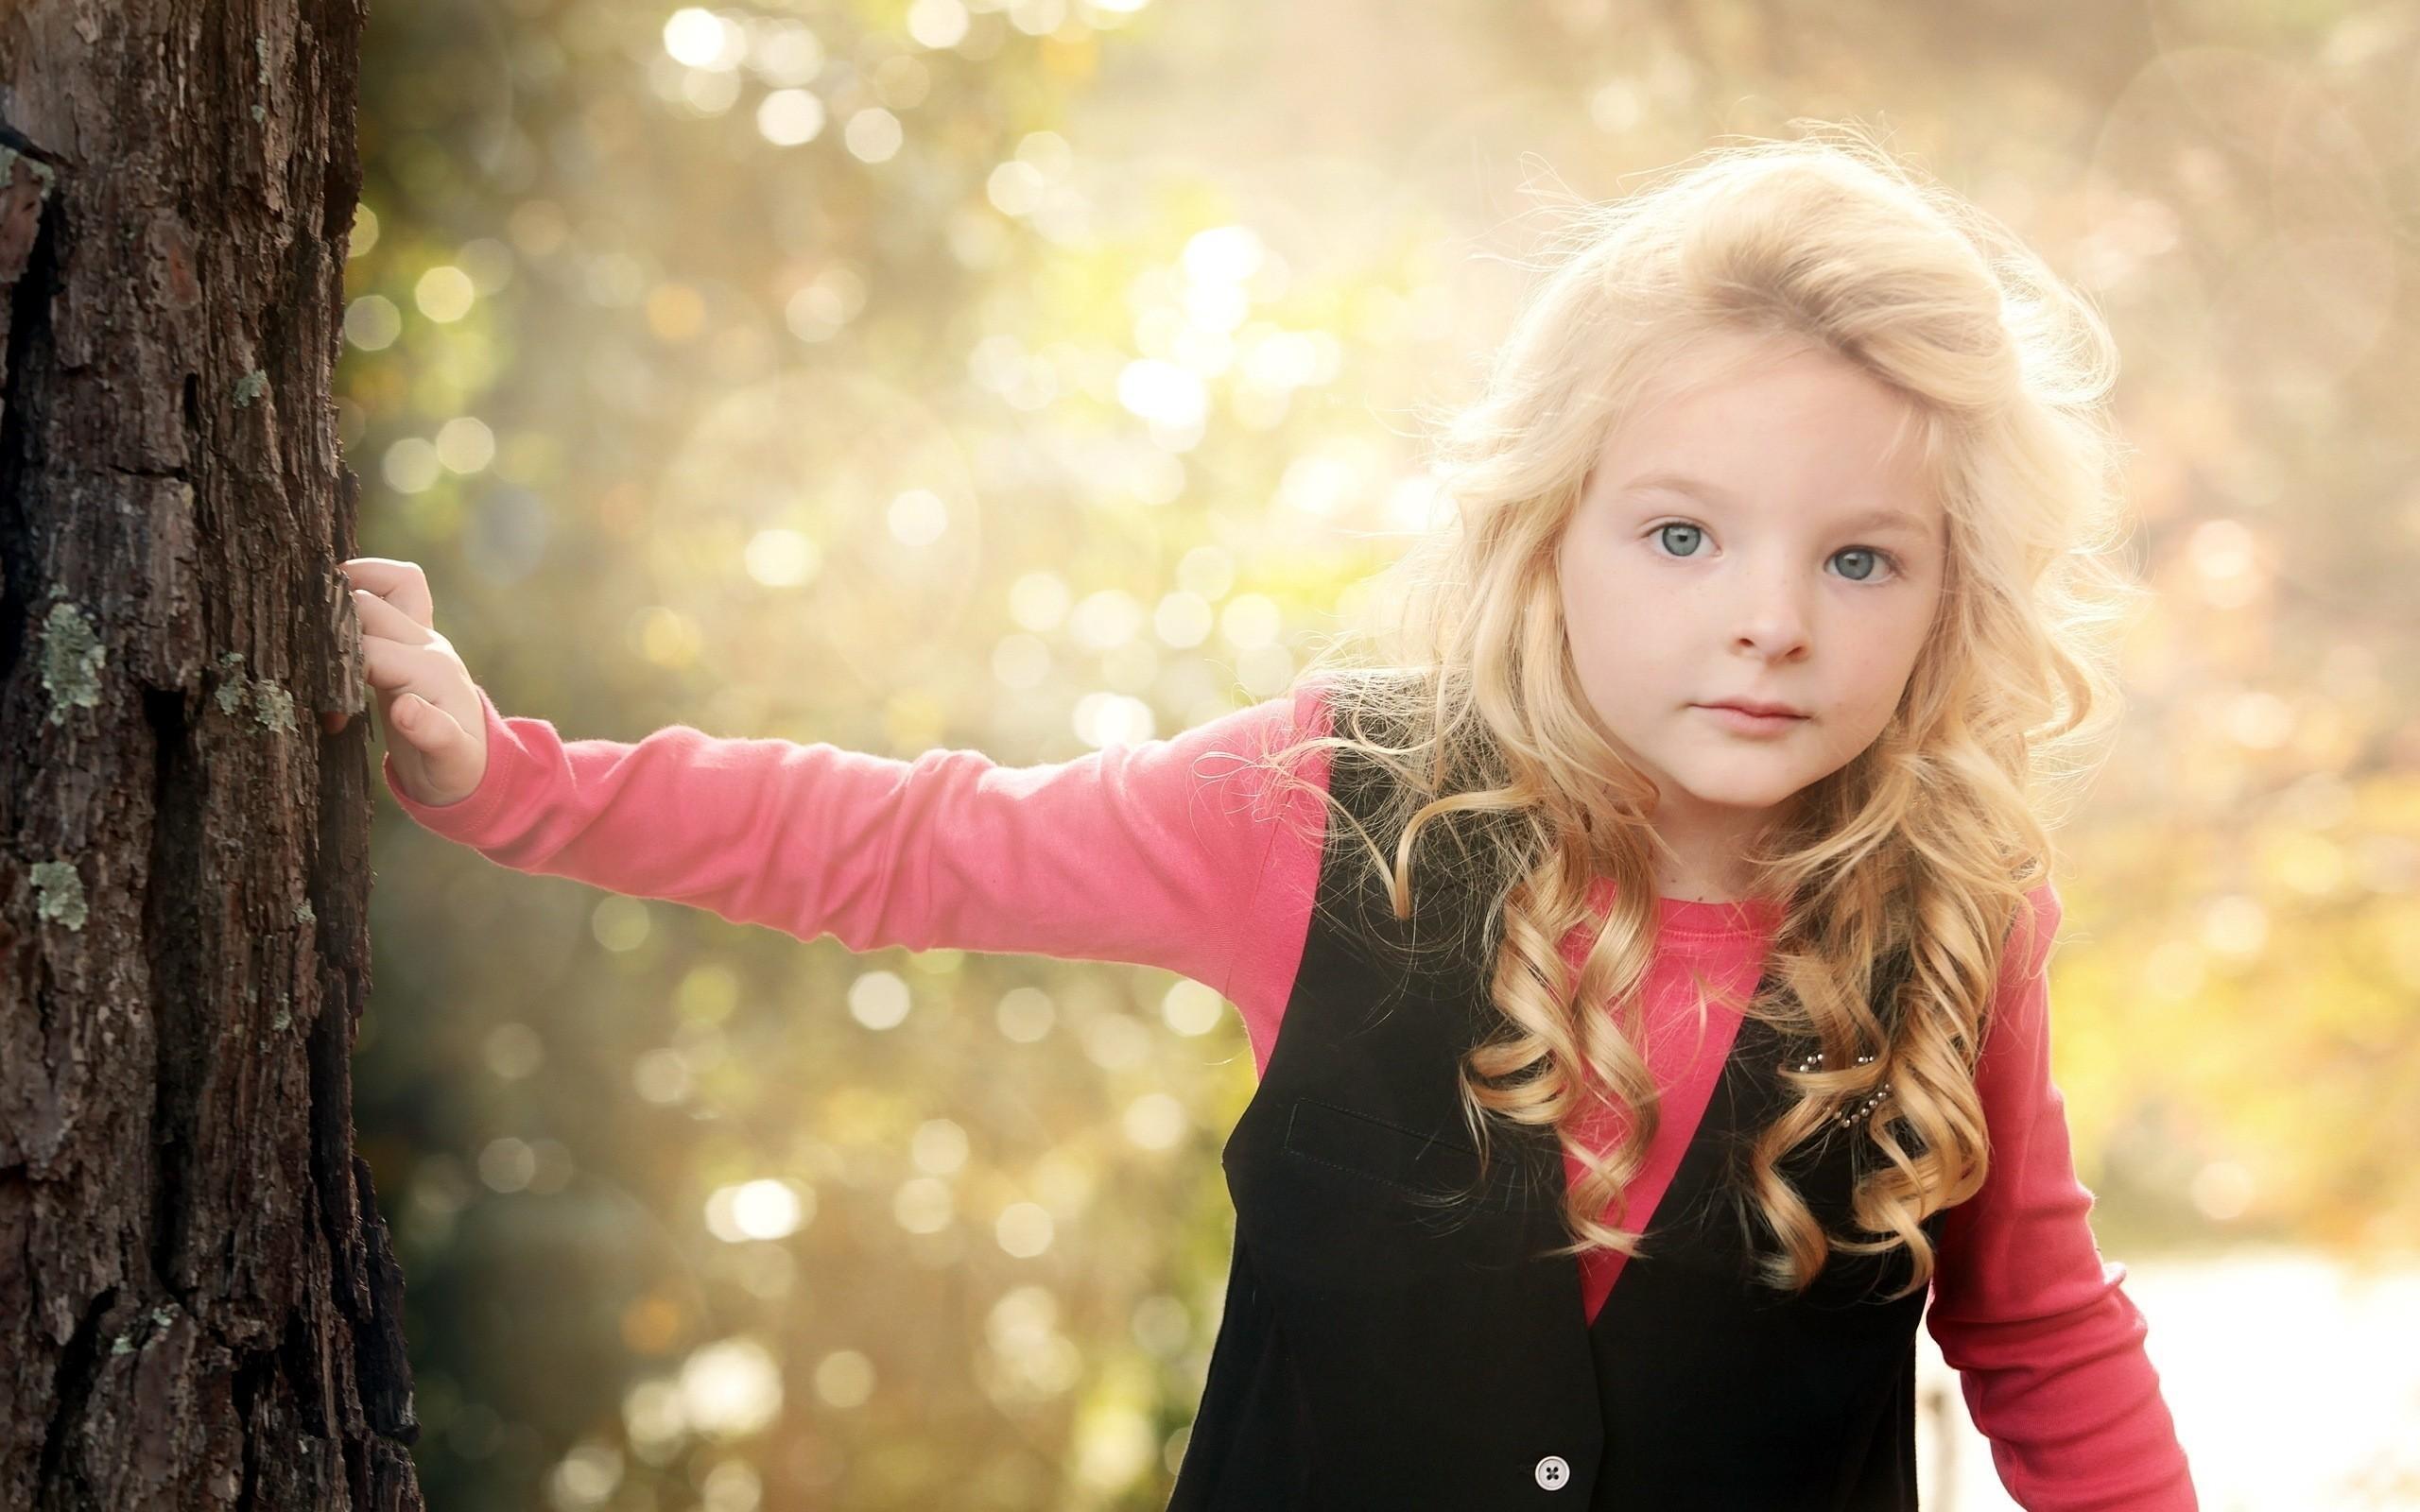 صور خلفيات ورمزيات بنات صغار روعة وجميلة HD (20)